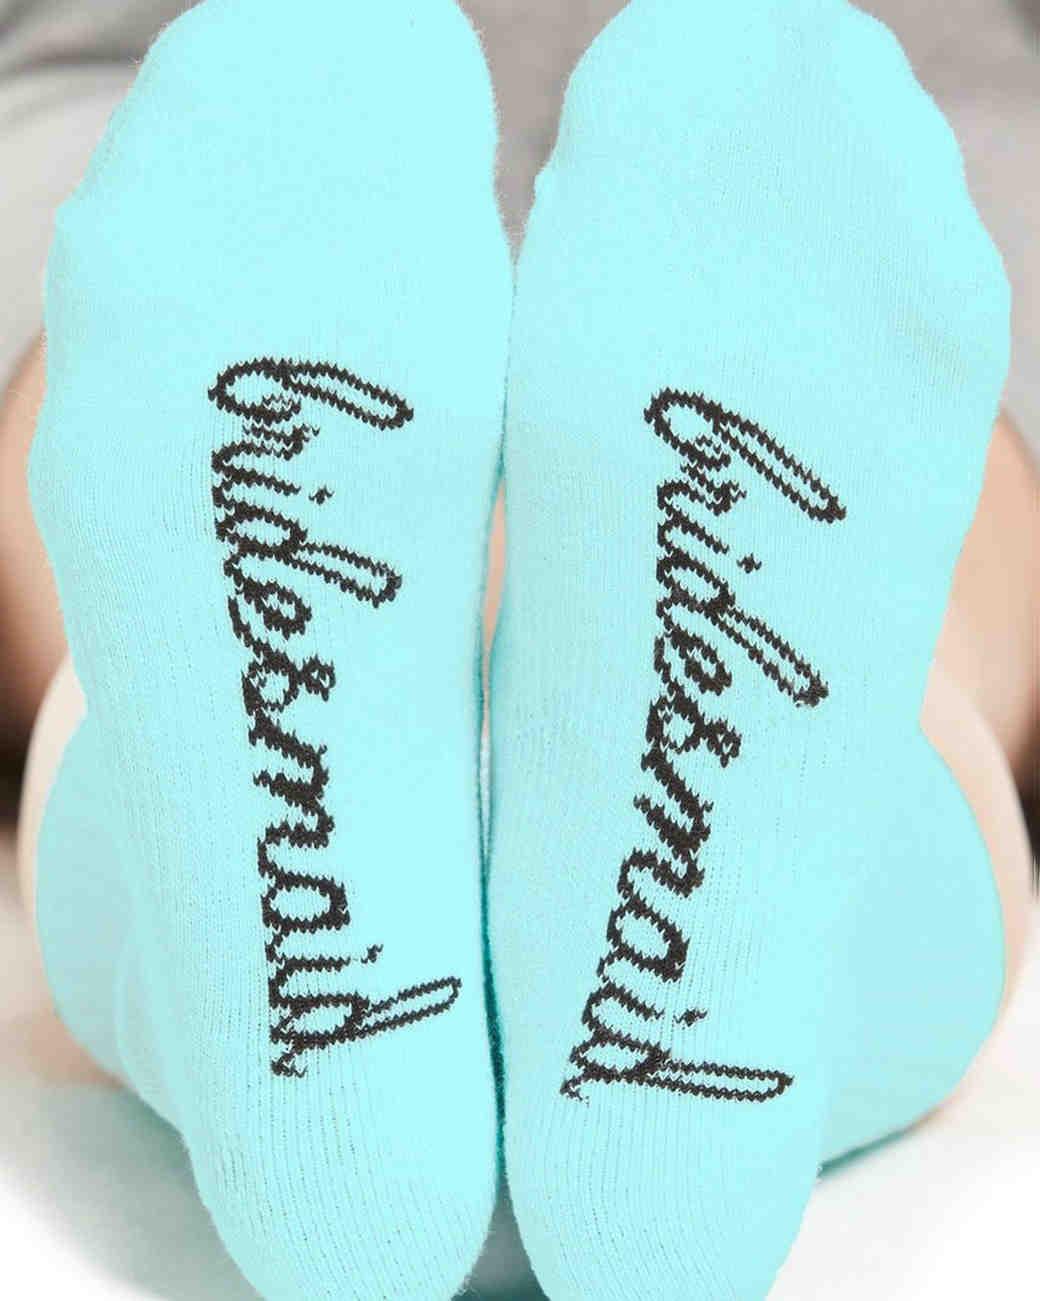 robe-alternatives-socks-0716.jpg